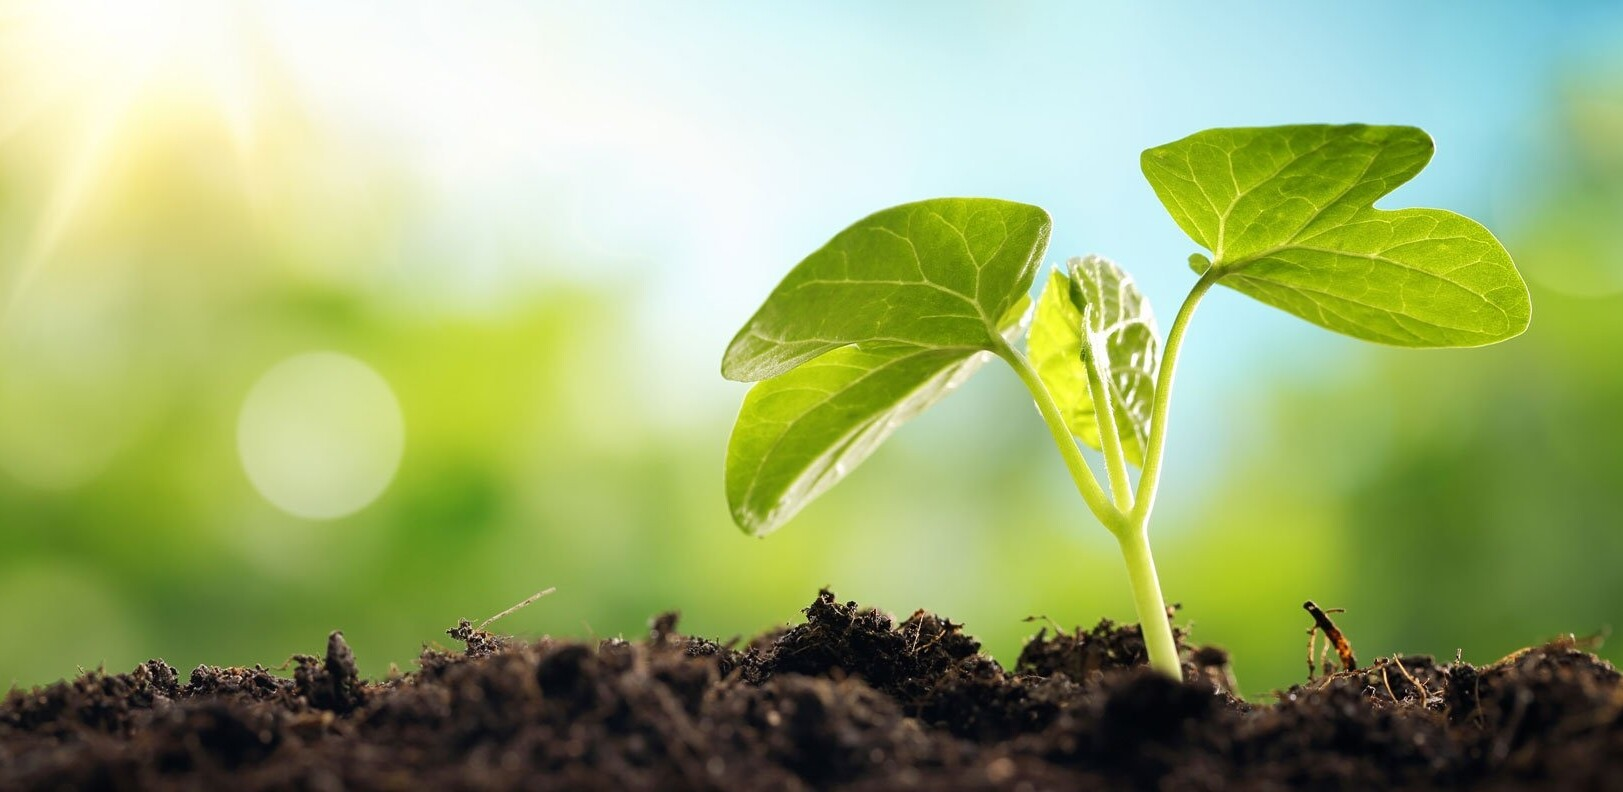 Immagine raffigurante un terreno verde con un germoglio